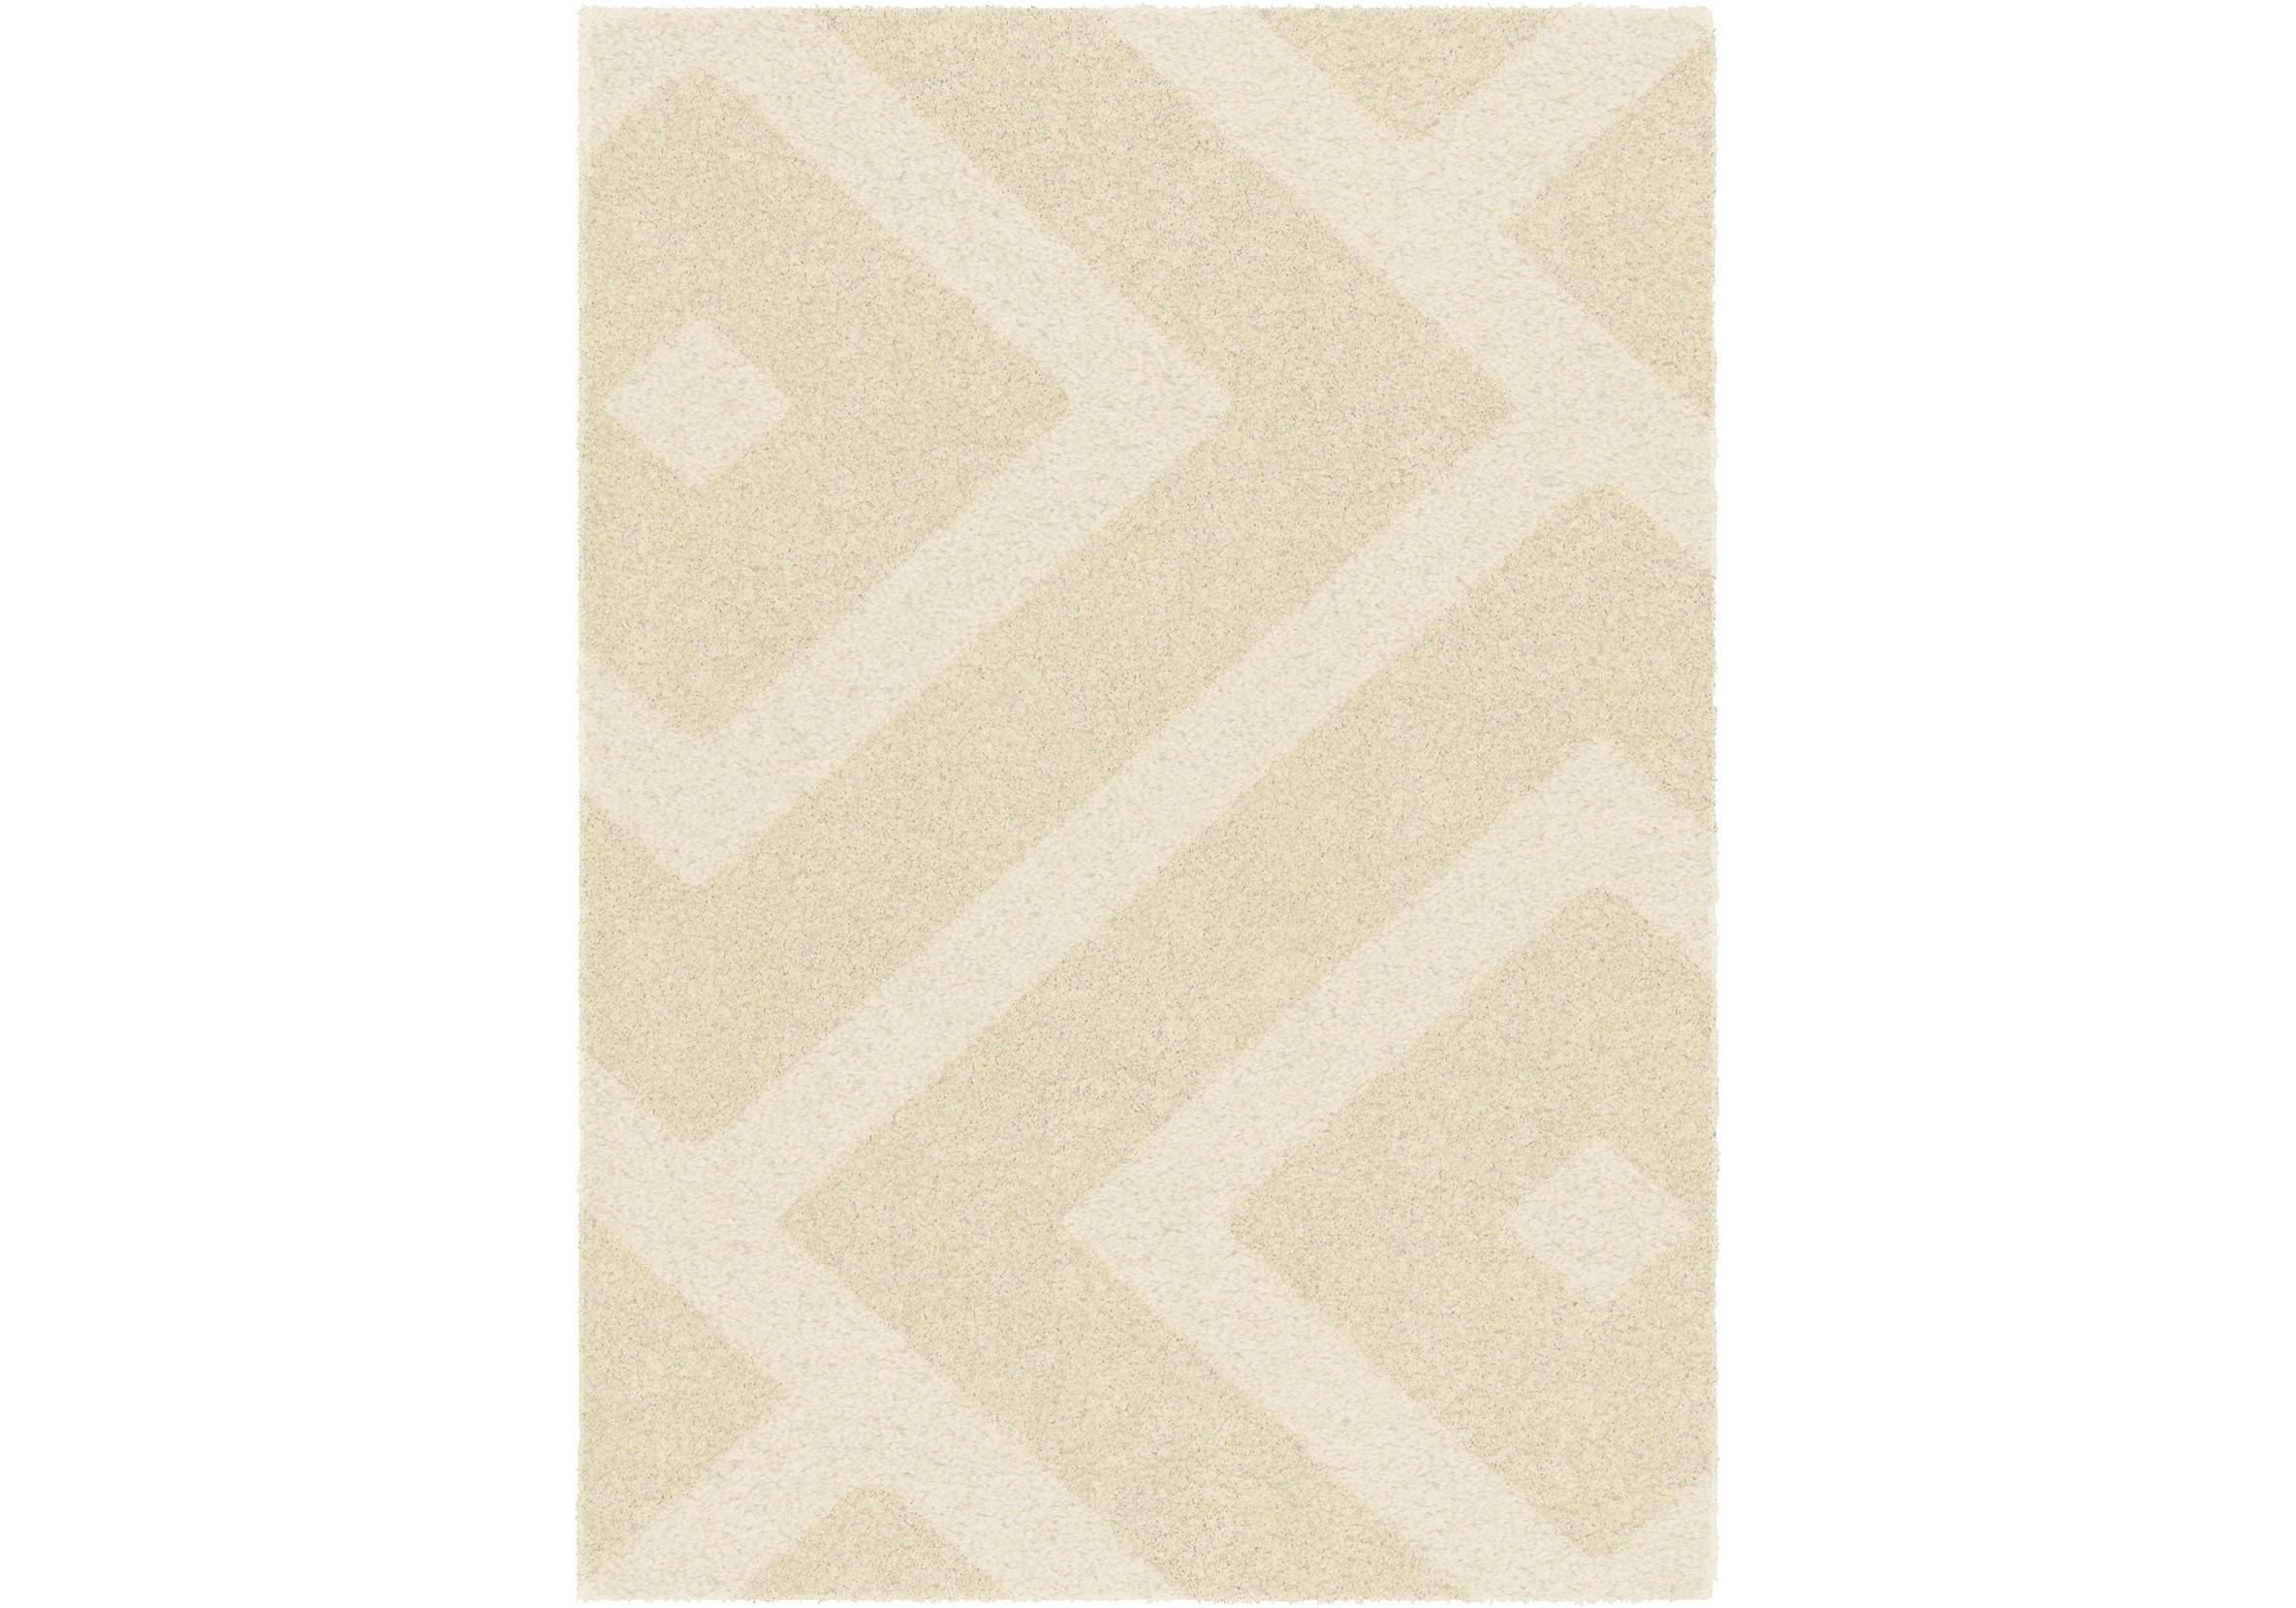 Ковер Luxury Cosy 150х80Прямоугольные ковры<br>Достаточно высокий ворс и разная плотность ковра, из-за чего проявляется рисунок.&amp;lt;div&amp;gt;Материал: 100% Полипропилен.&amp;lt;br&amp;gt;&amp;lt;/div&amp;gt;<br><br>Material: Текстиль<br>Ширина см: 150<br>Глубина см: 80